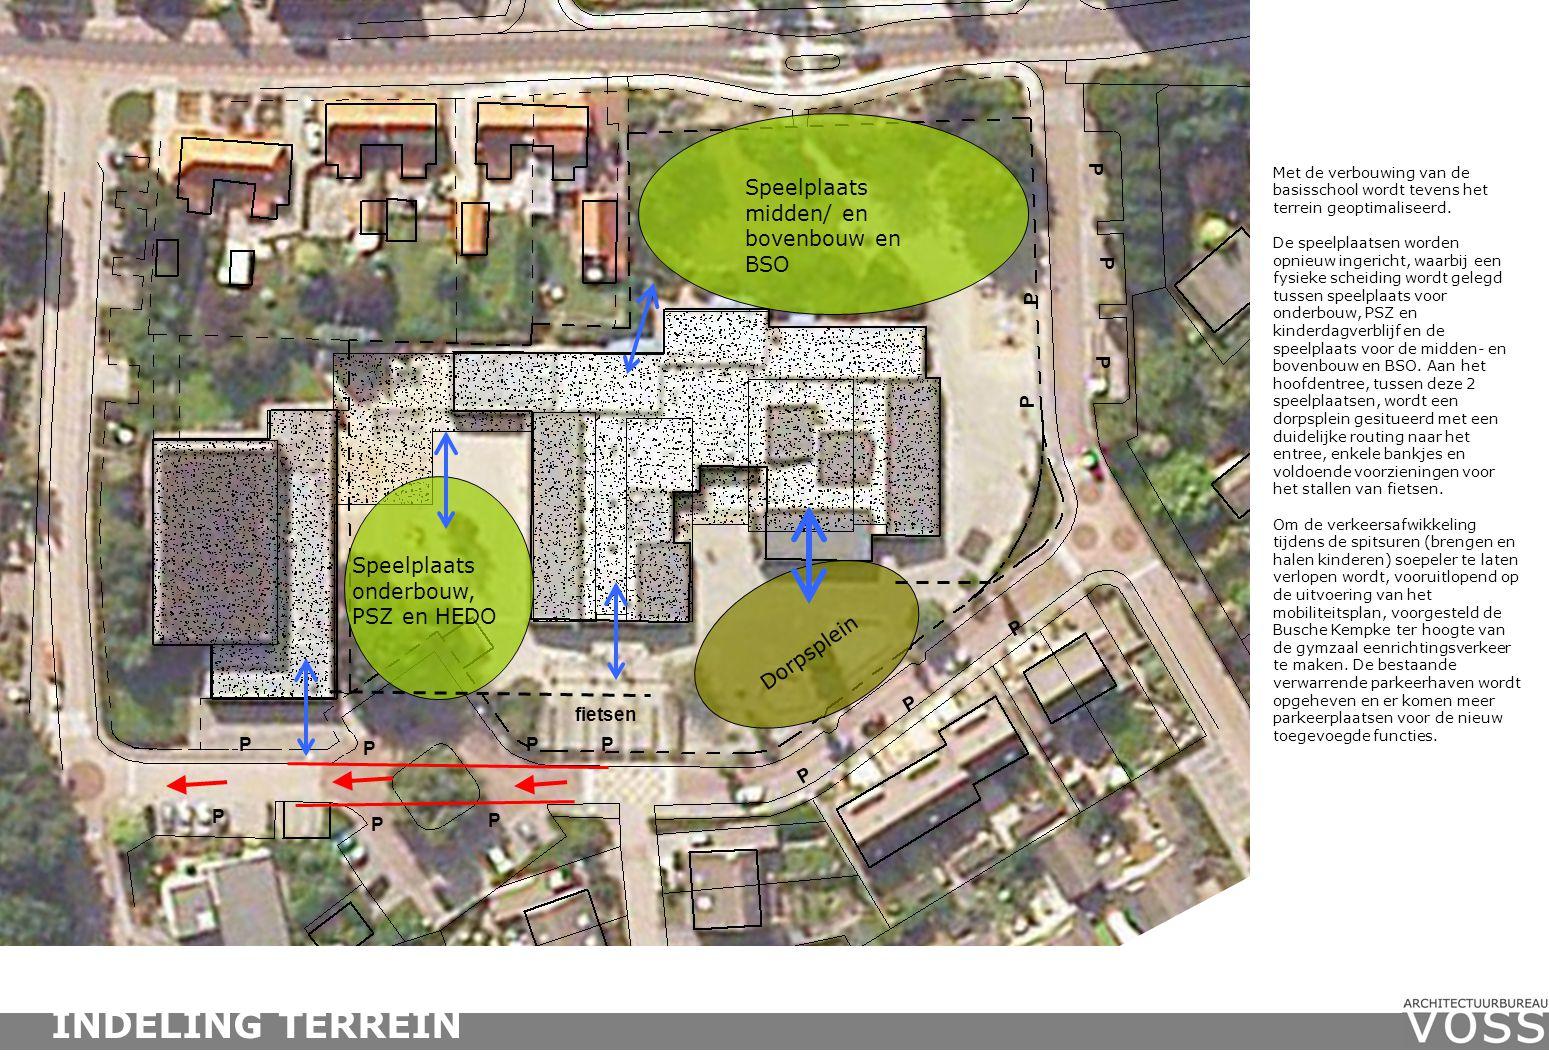 Speelplaats onderbouw, PSZ en HEDO P P P P P Speelplaats midden/ en bovenbouw en BSO Dorpsplein P P P P P P P P Met de verbouwing van de basisschool wordt tevens het terrein geoptimaliseerd.